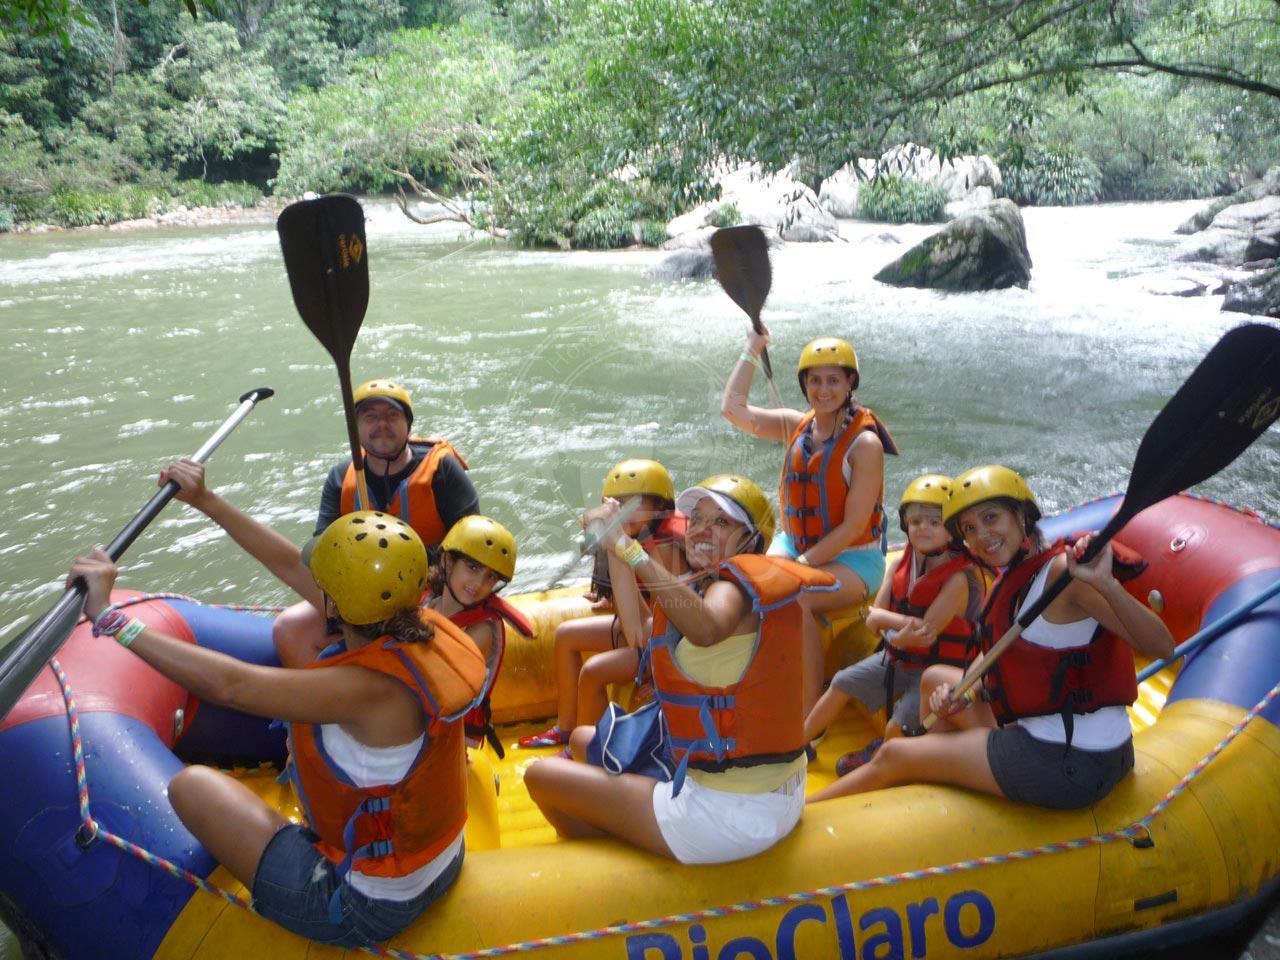 Animate a hacer rafting en Rio claro - Hotel & Restaurante Parador del Gitano - Nápoles - Doradal - Rio claro